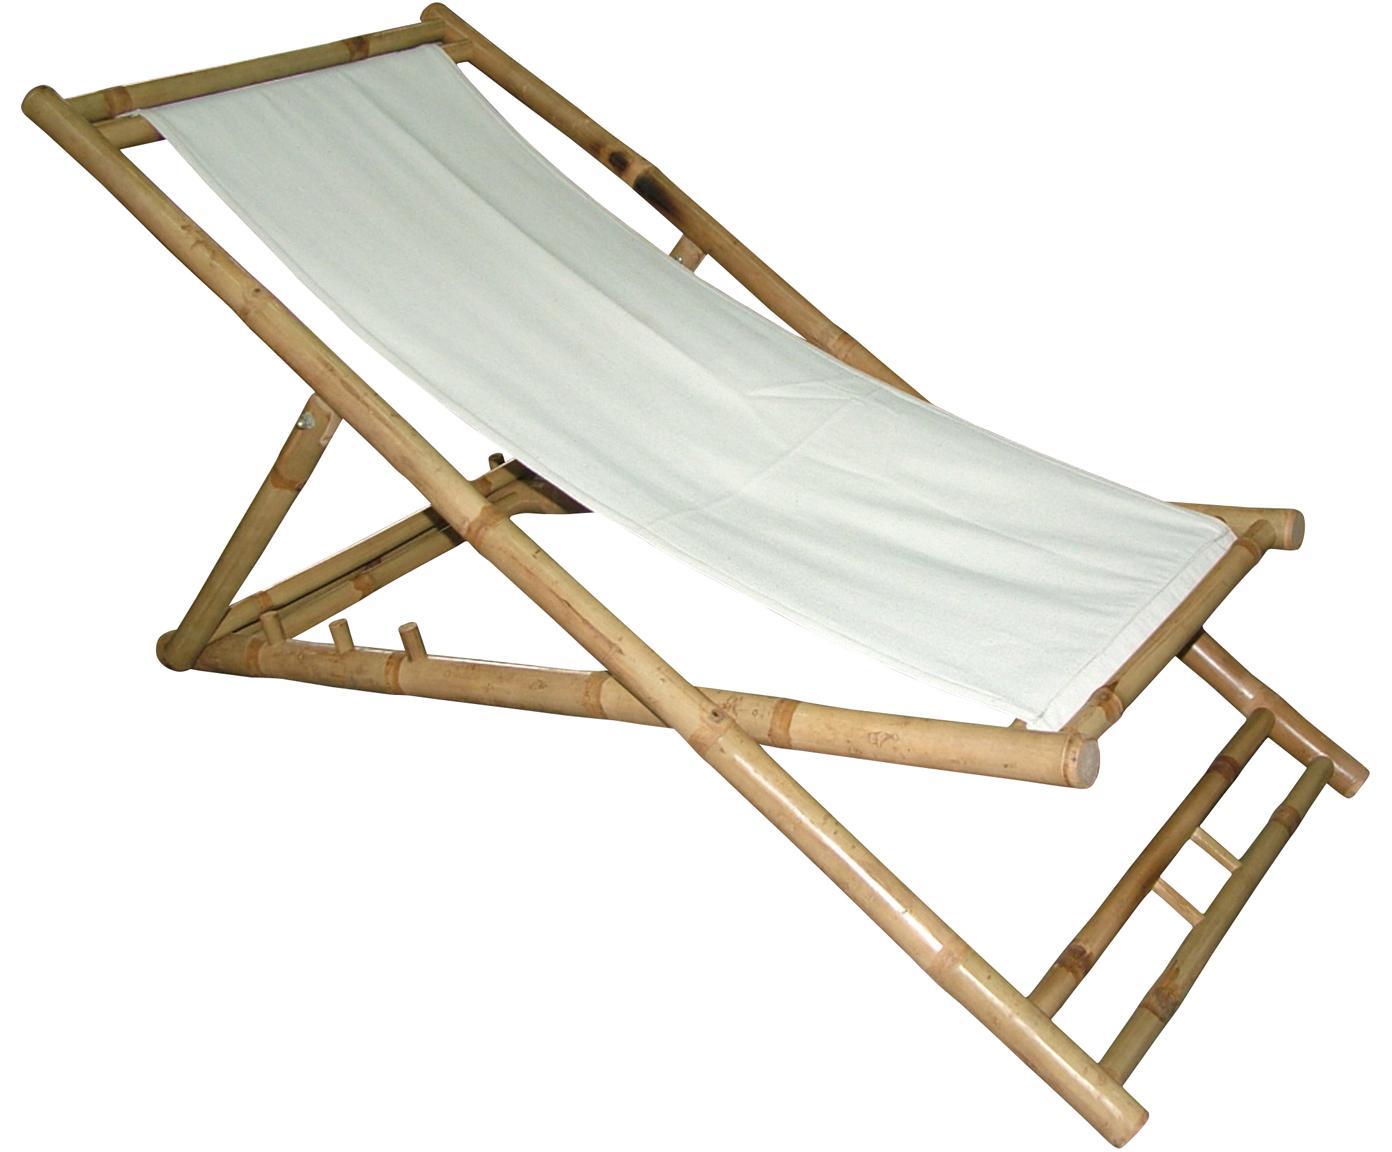 Klappbarer Bambus-Liegestuhl Bammina, Bambus, Textil, Weiss, 80 x 120 cm